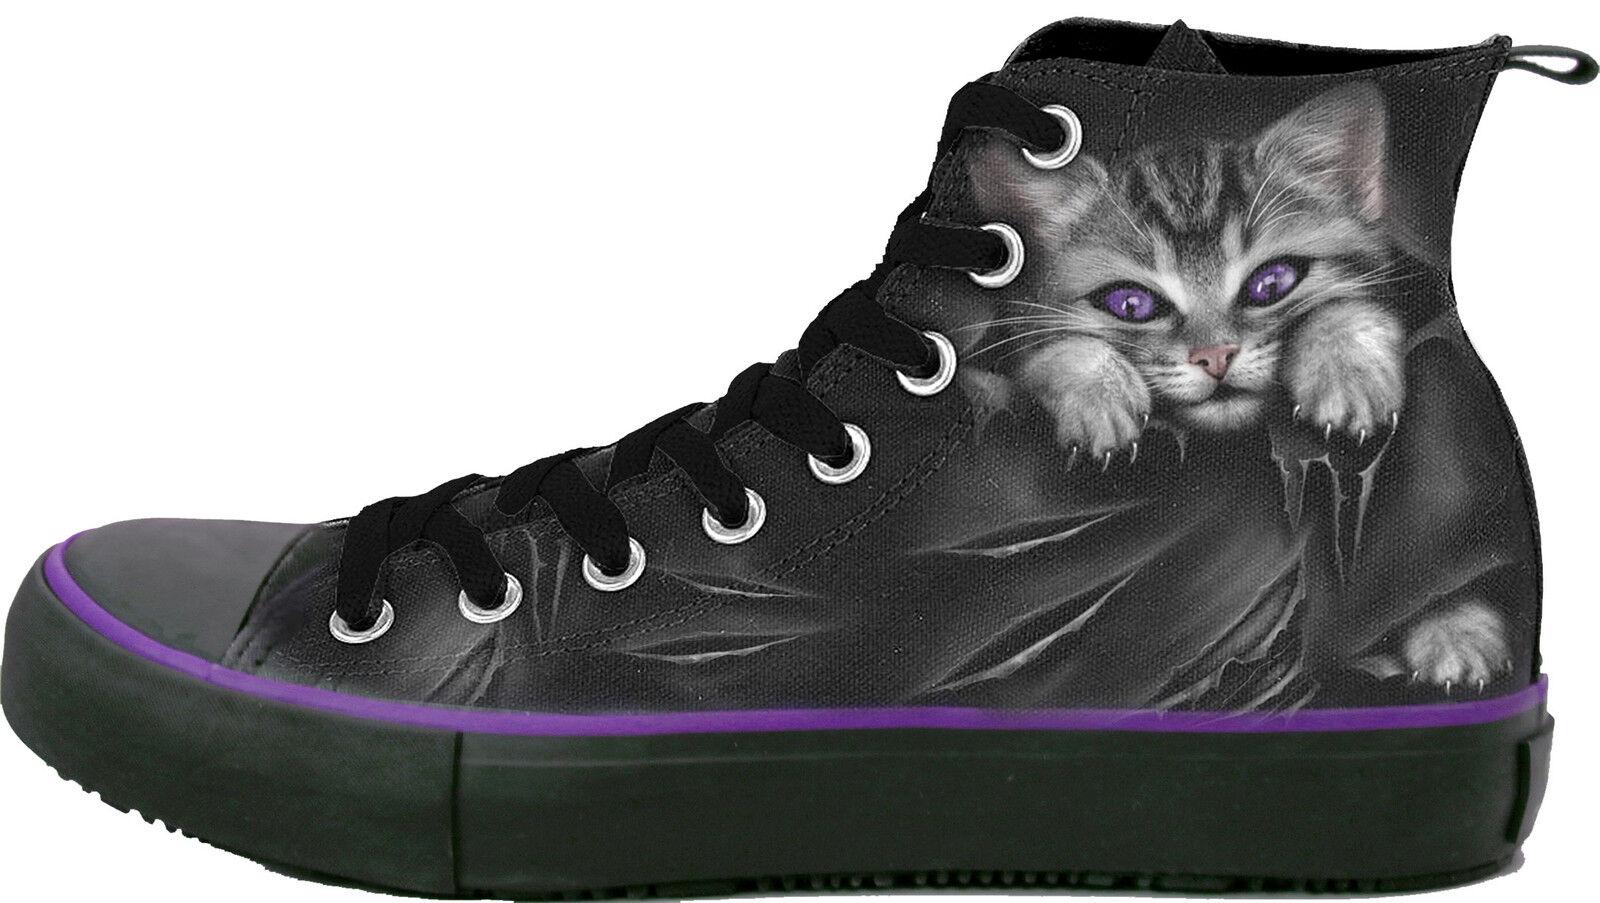 Spiral Direct BRIGHT EYES scarpe da ginnastica - Ladies High Top Laceup Cute Rips Goth scarpe